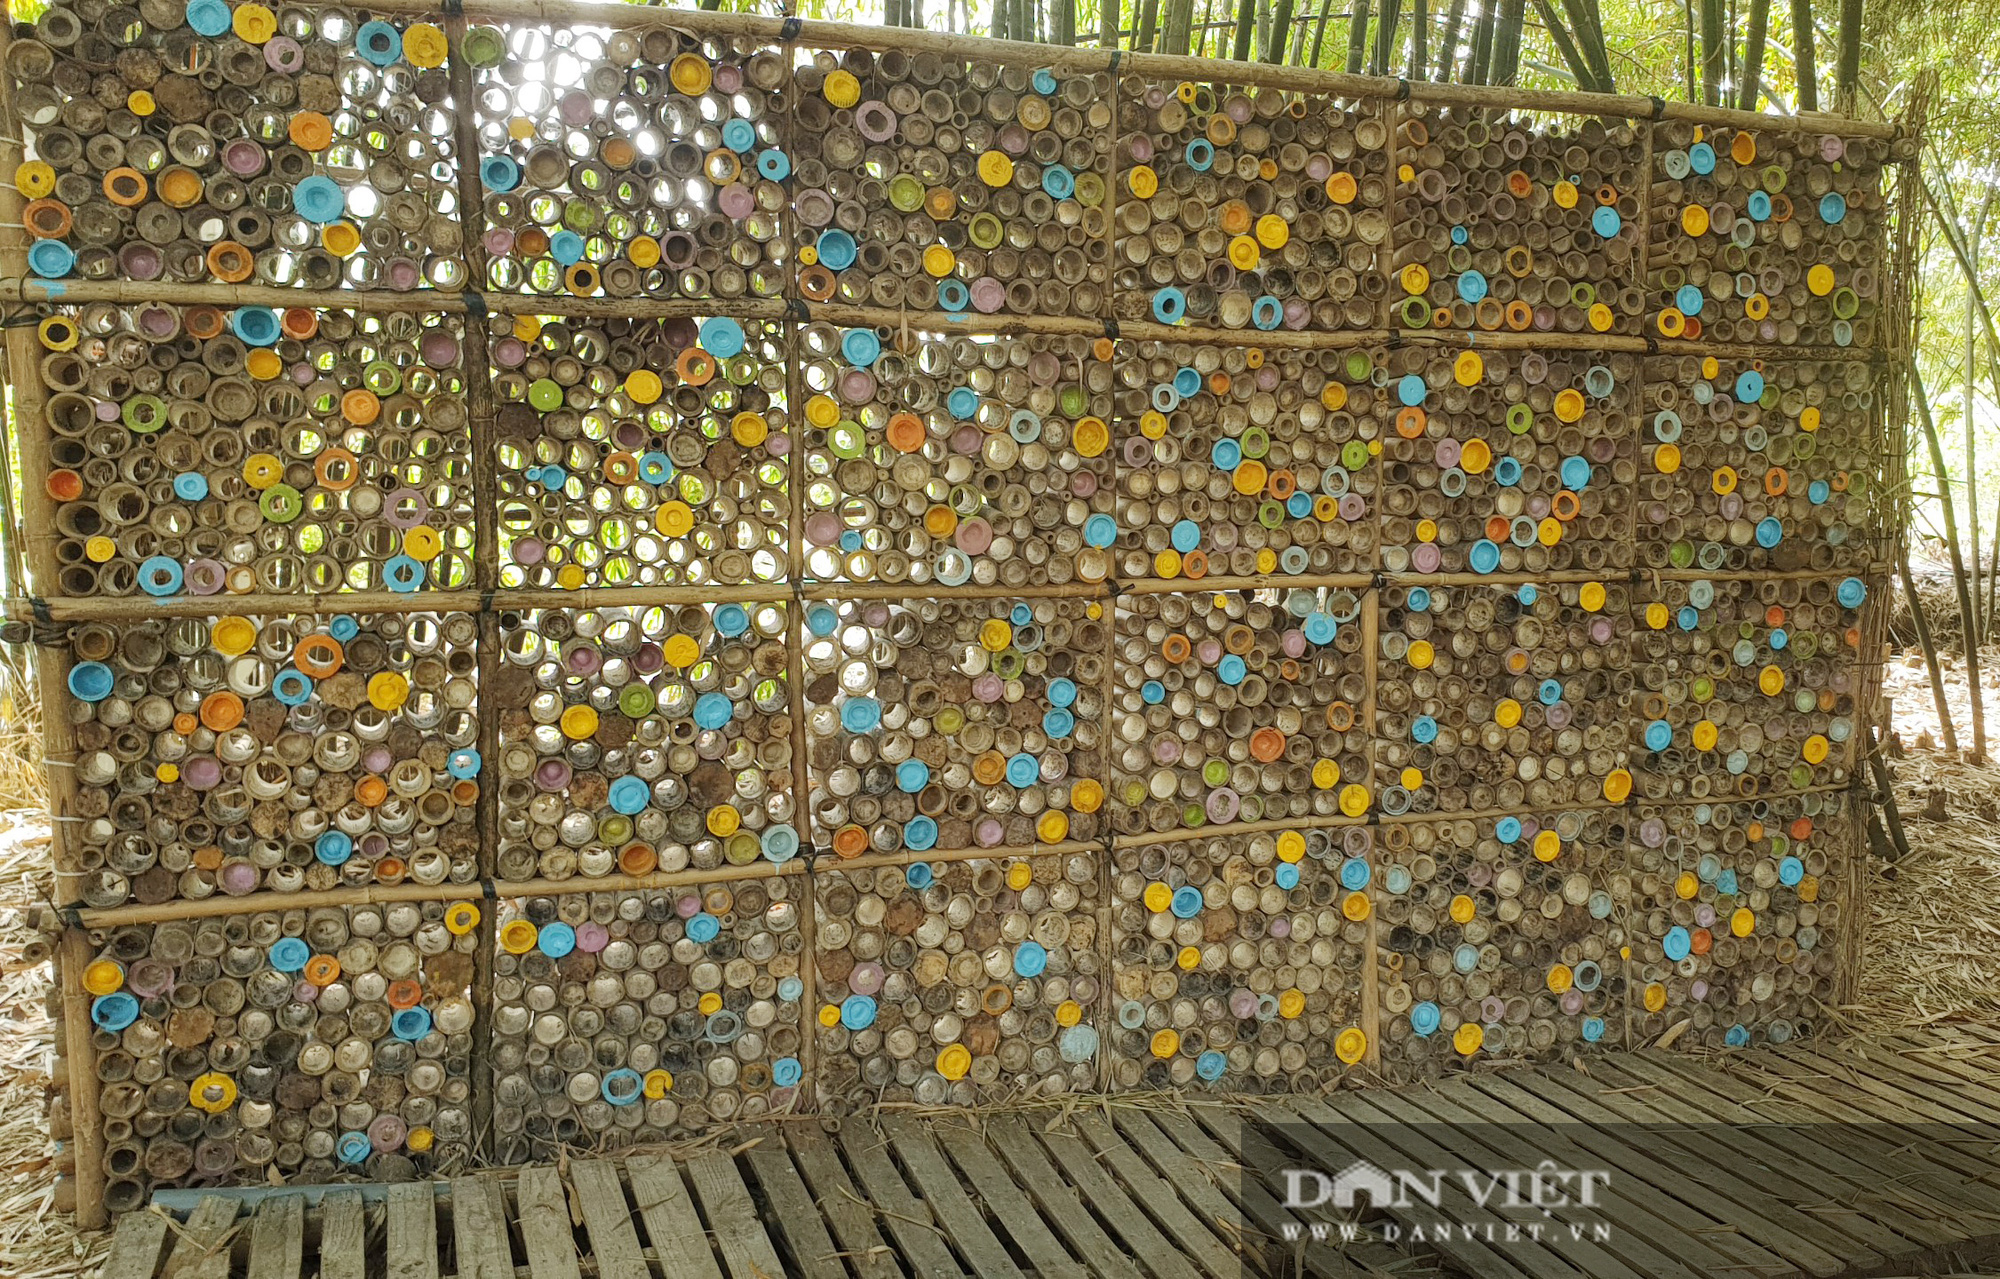 Khám phá vườn tre đẹp nhất miền Tây có tuổi đời 30 năm  - Ảnh 6.